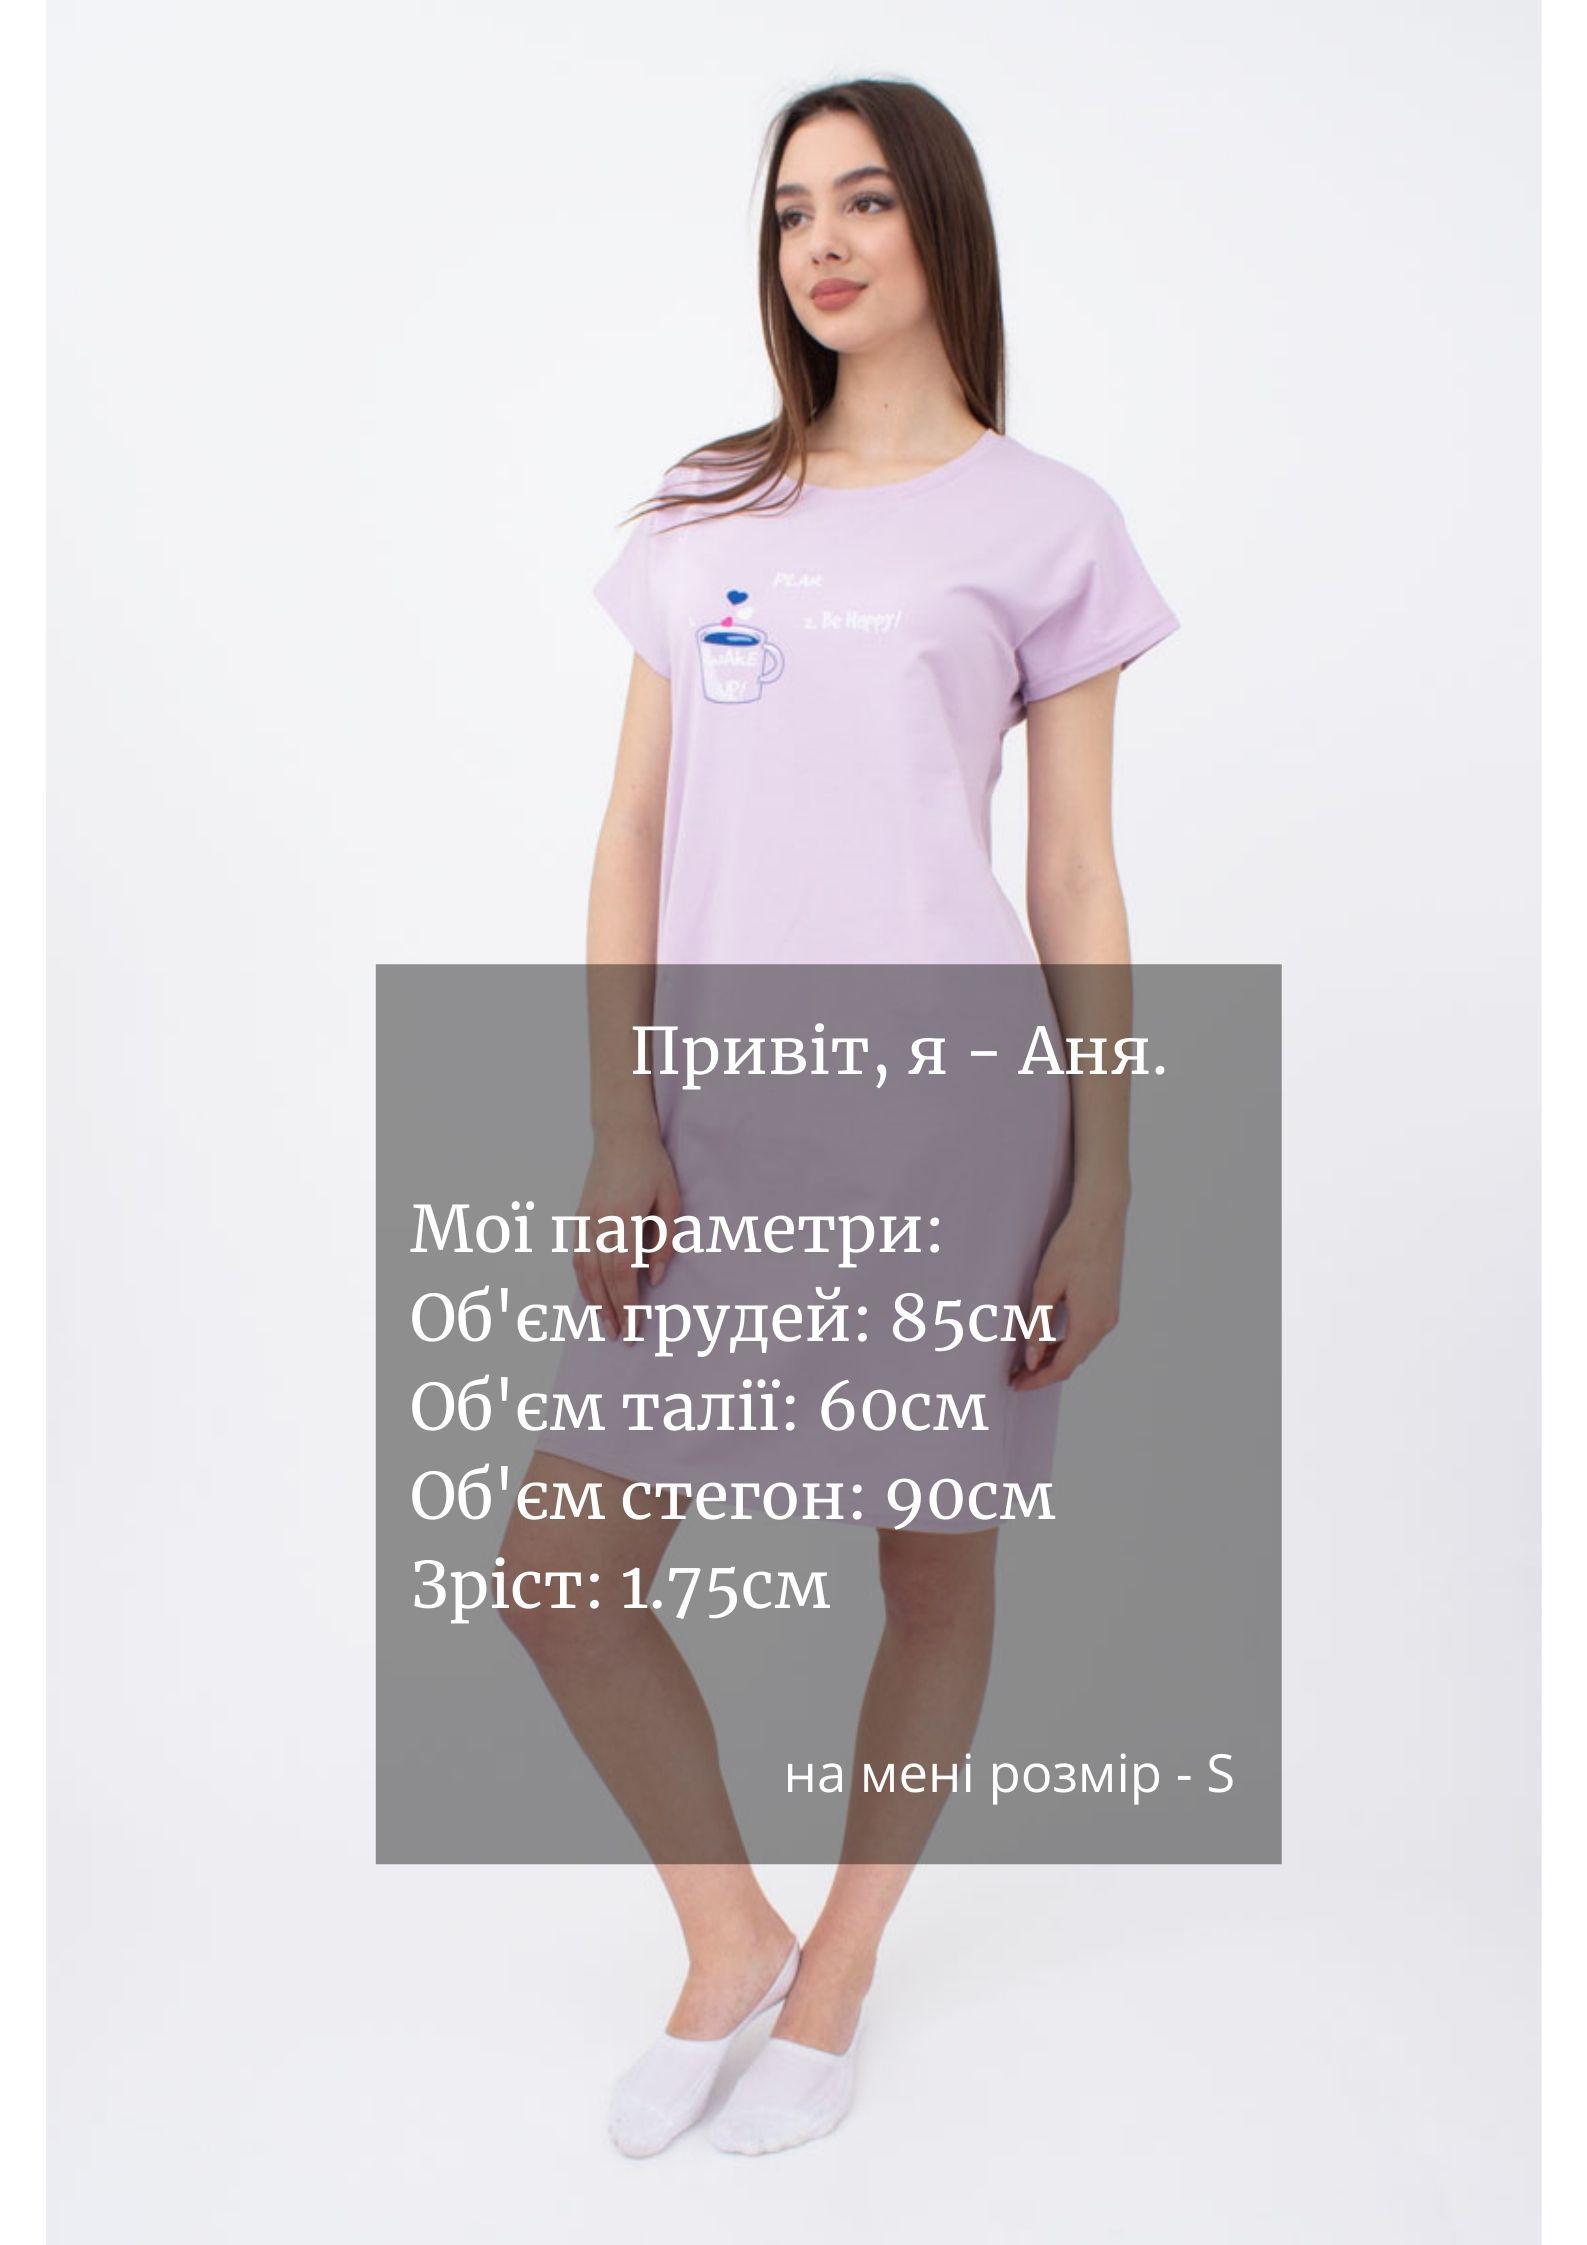 mariposa официальный сайт домашняя одежда